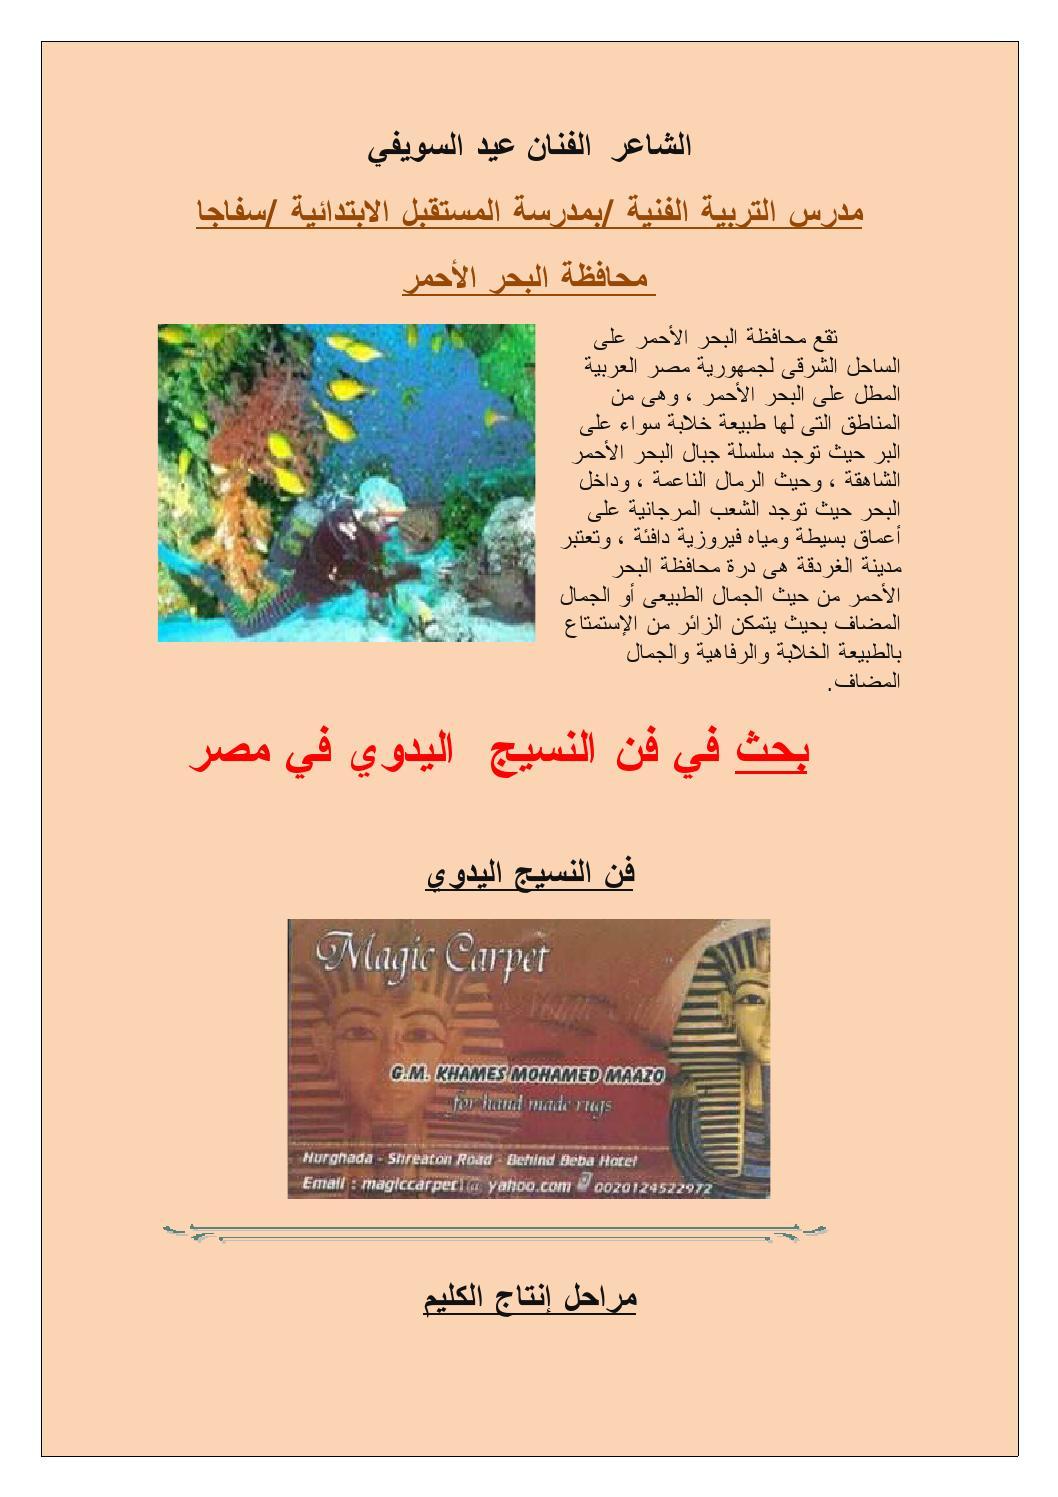 70801977 بحث في فن النسيج اليدوي By عيد السويفي Issuu